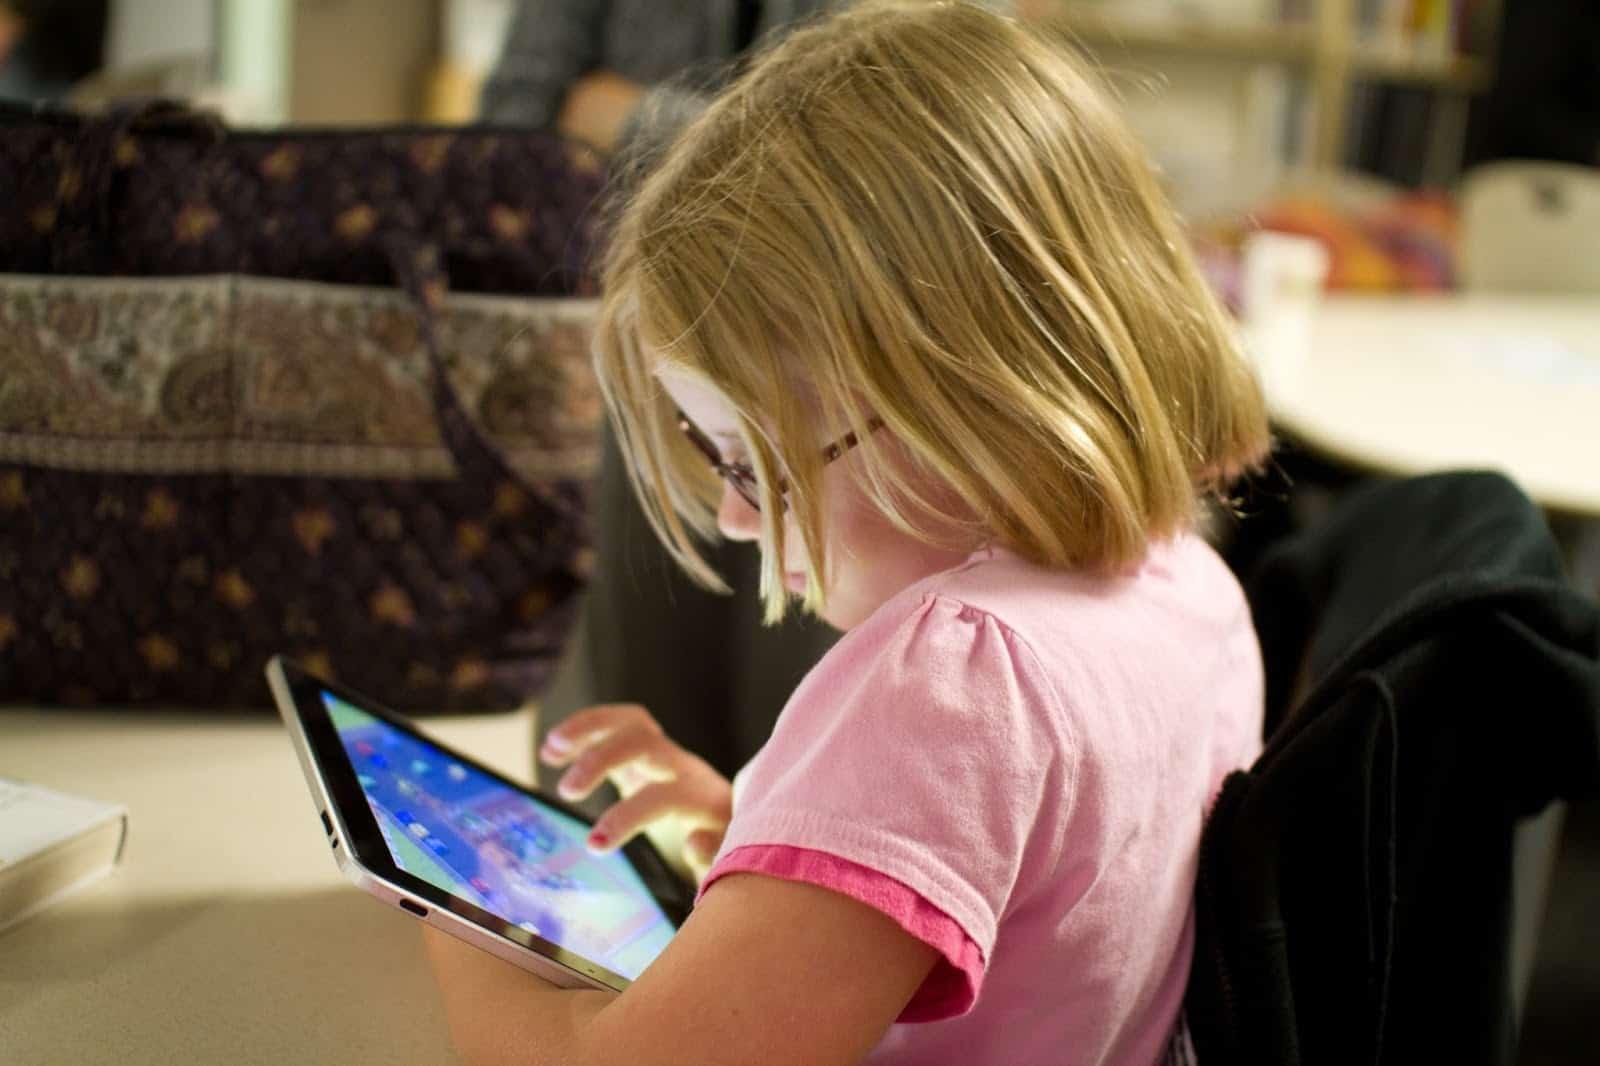 Ứng dụng giúp bé vừa chơi vừa học có thể làm gia tăng khả năng tương tác của con